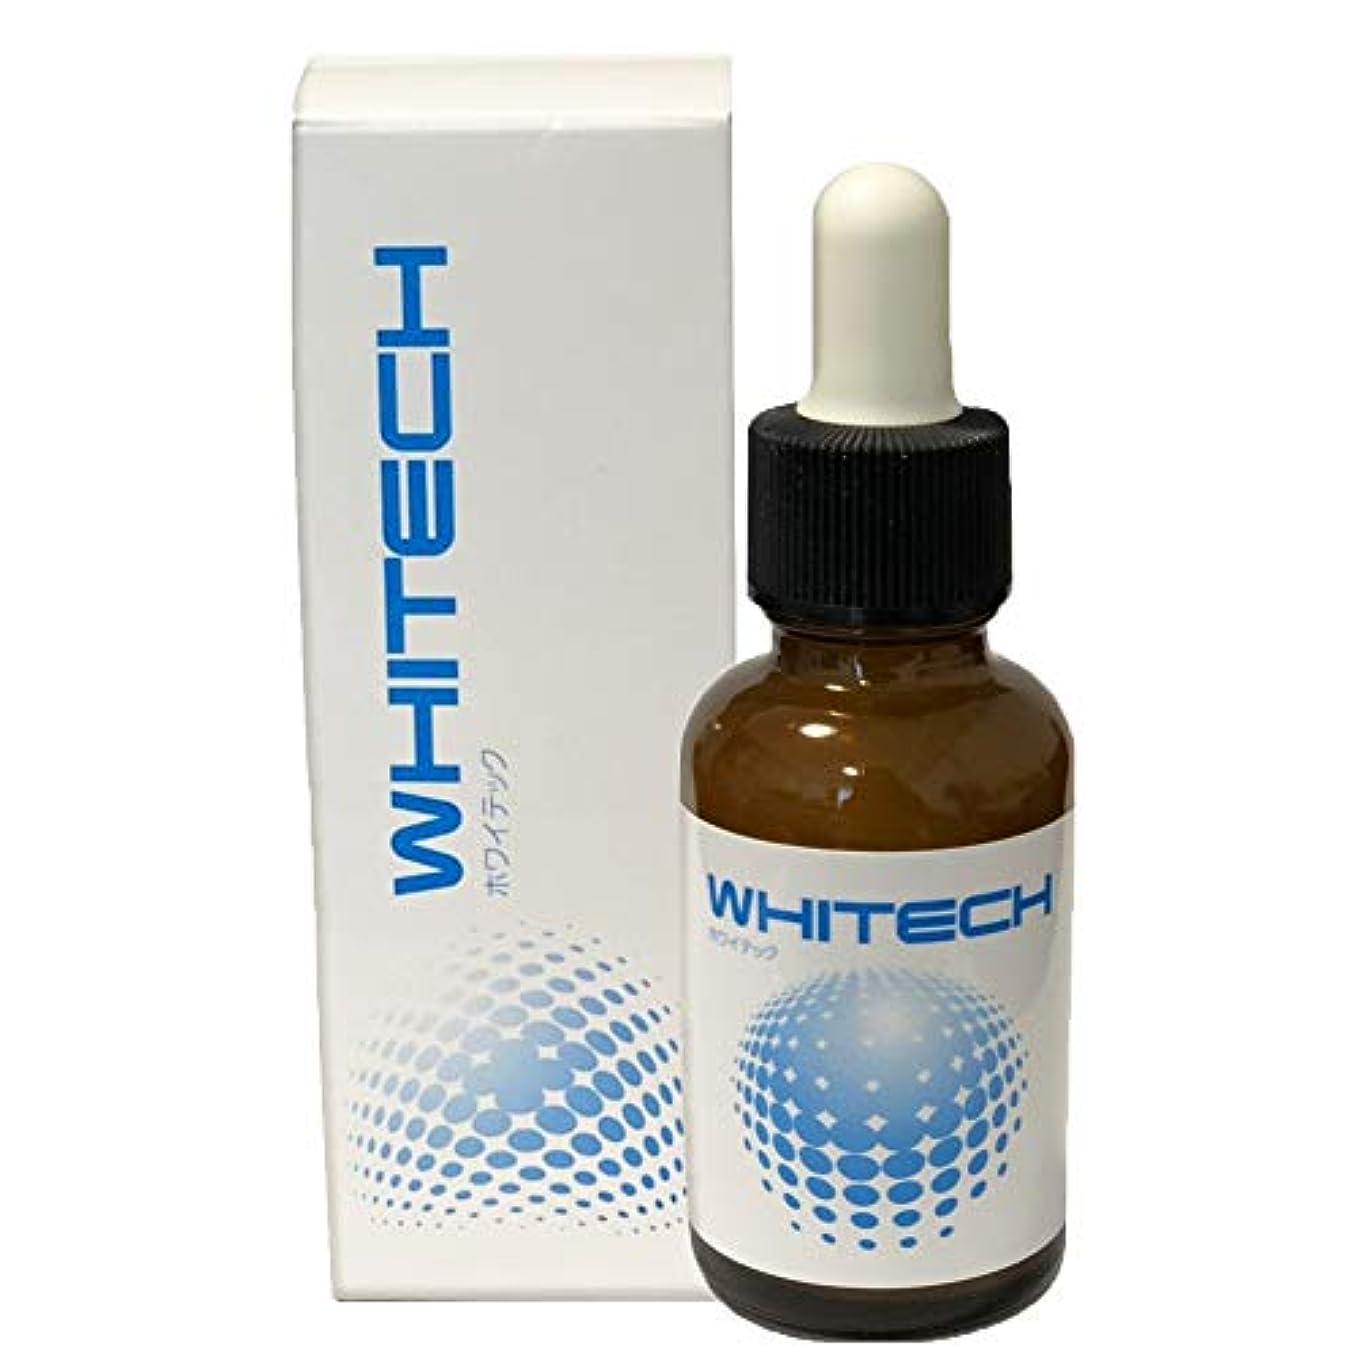 不和州船尾【医薬部外品】WHITECH -ホワイテック- 薬用ホワイトニングジェル 歯磨きジェル